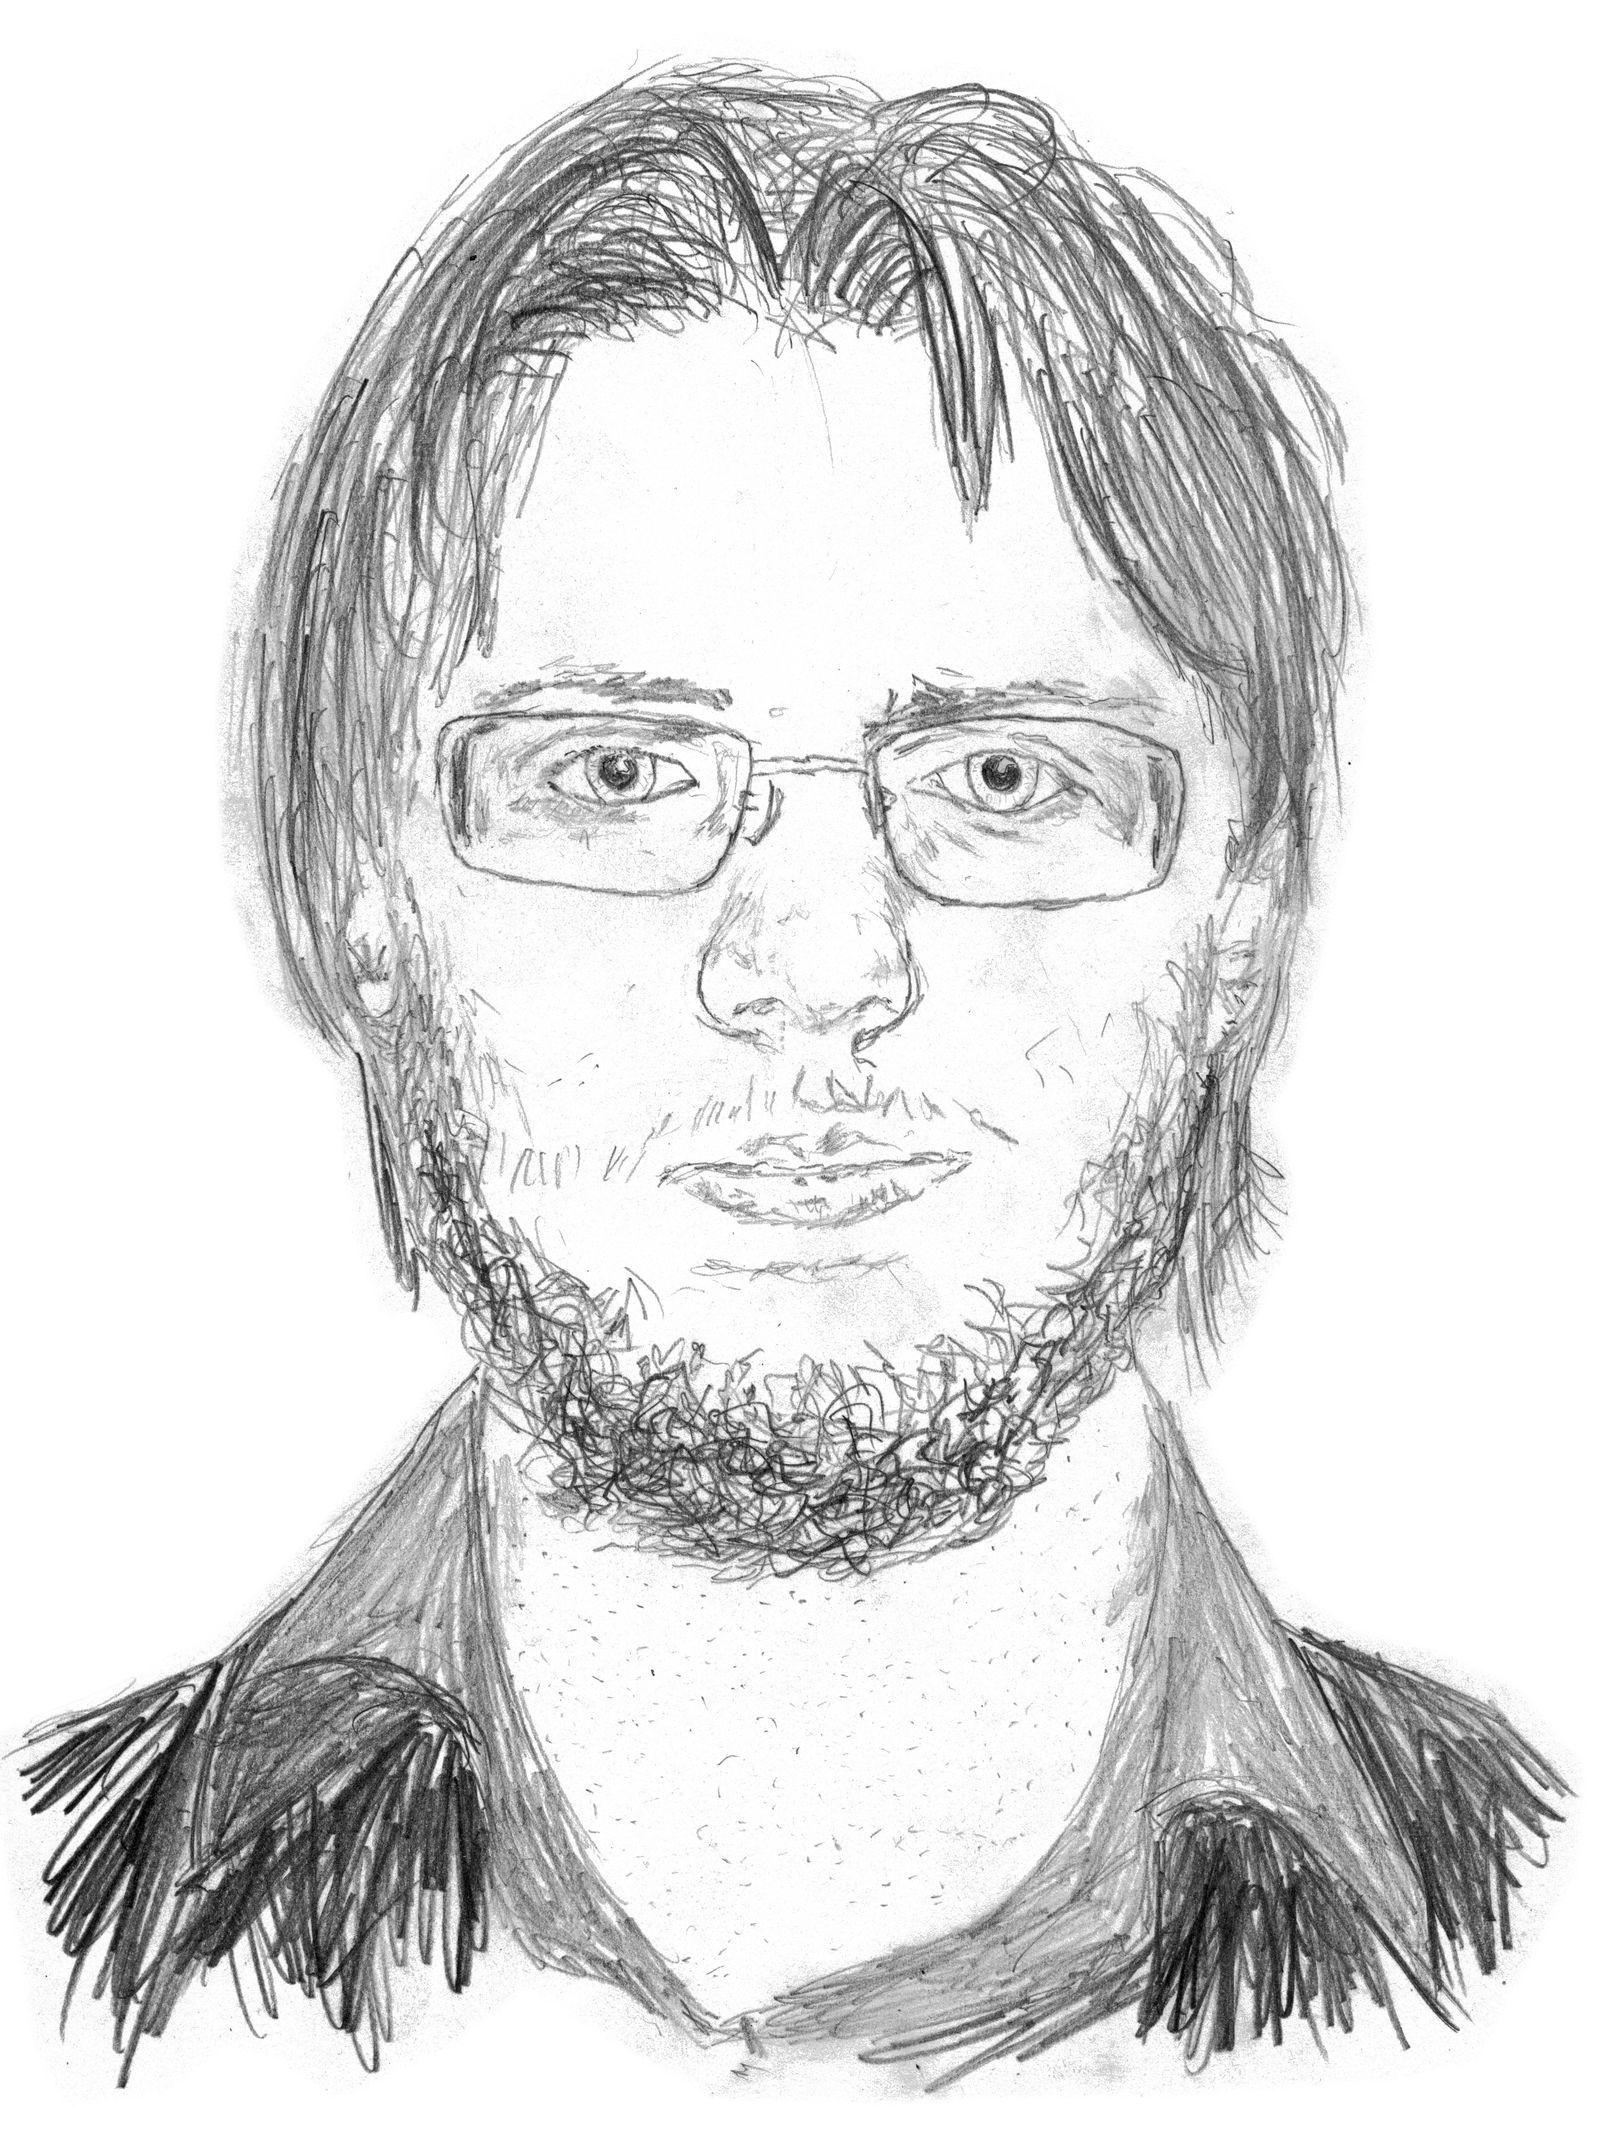 Andrei Kostyrka portrait of himself with beard